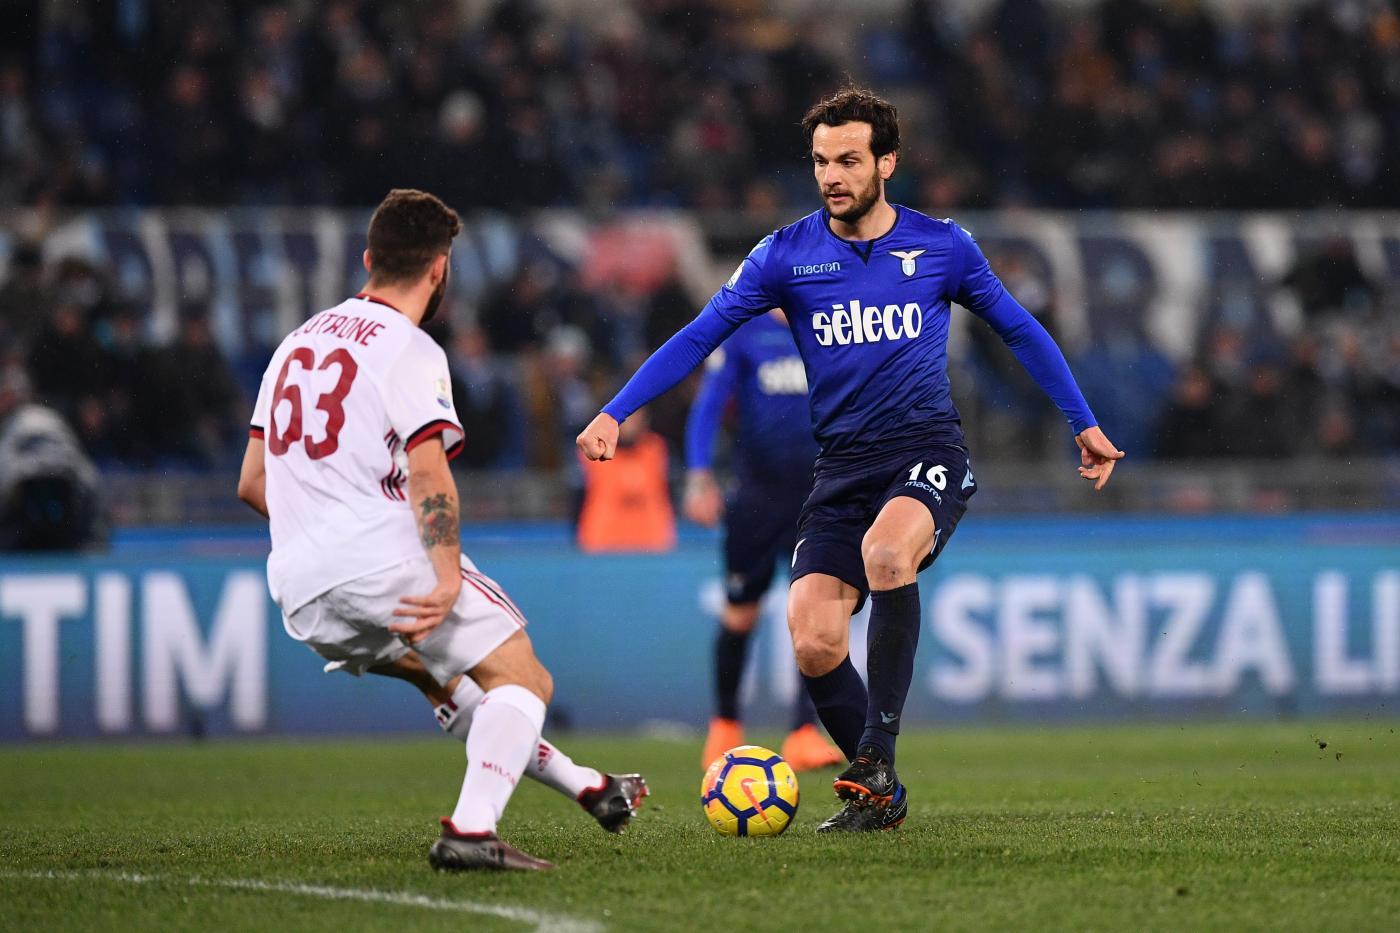 Coppa Italia - Match infinito all'Olimpico, il Milan stende la Lazio ai  rigori e raggiunge la Juve in finale [GALLERY]